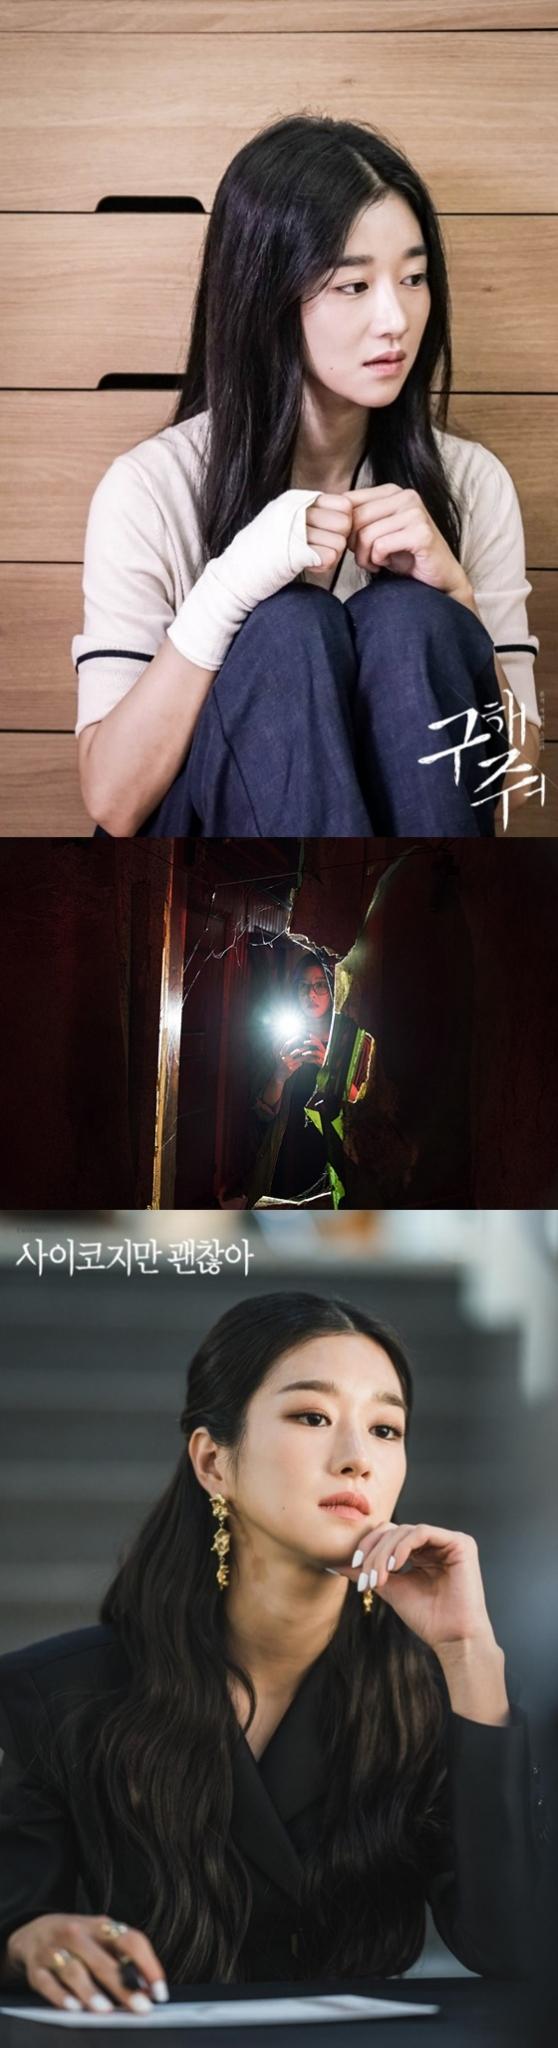 /사진=드라마 '구해줘', 영화 '암전', 드라마 '사이코지만 괜찮아' 서예지 스틸